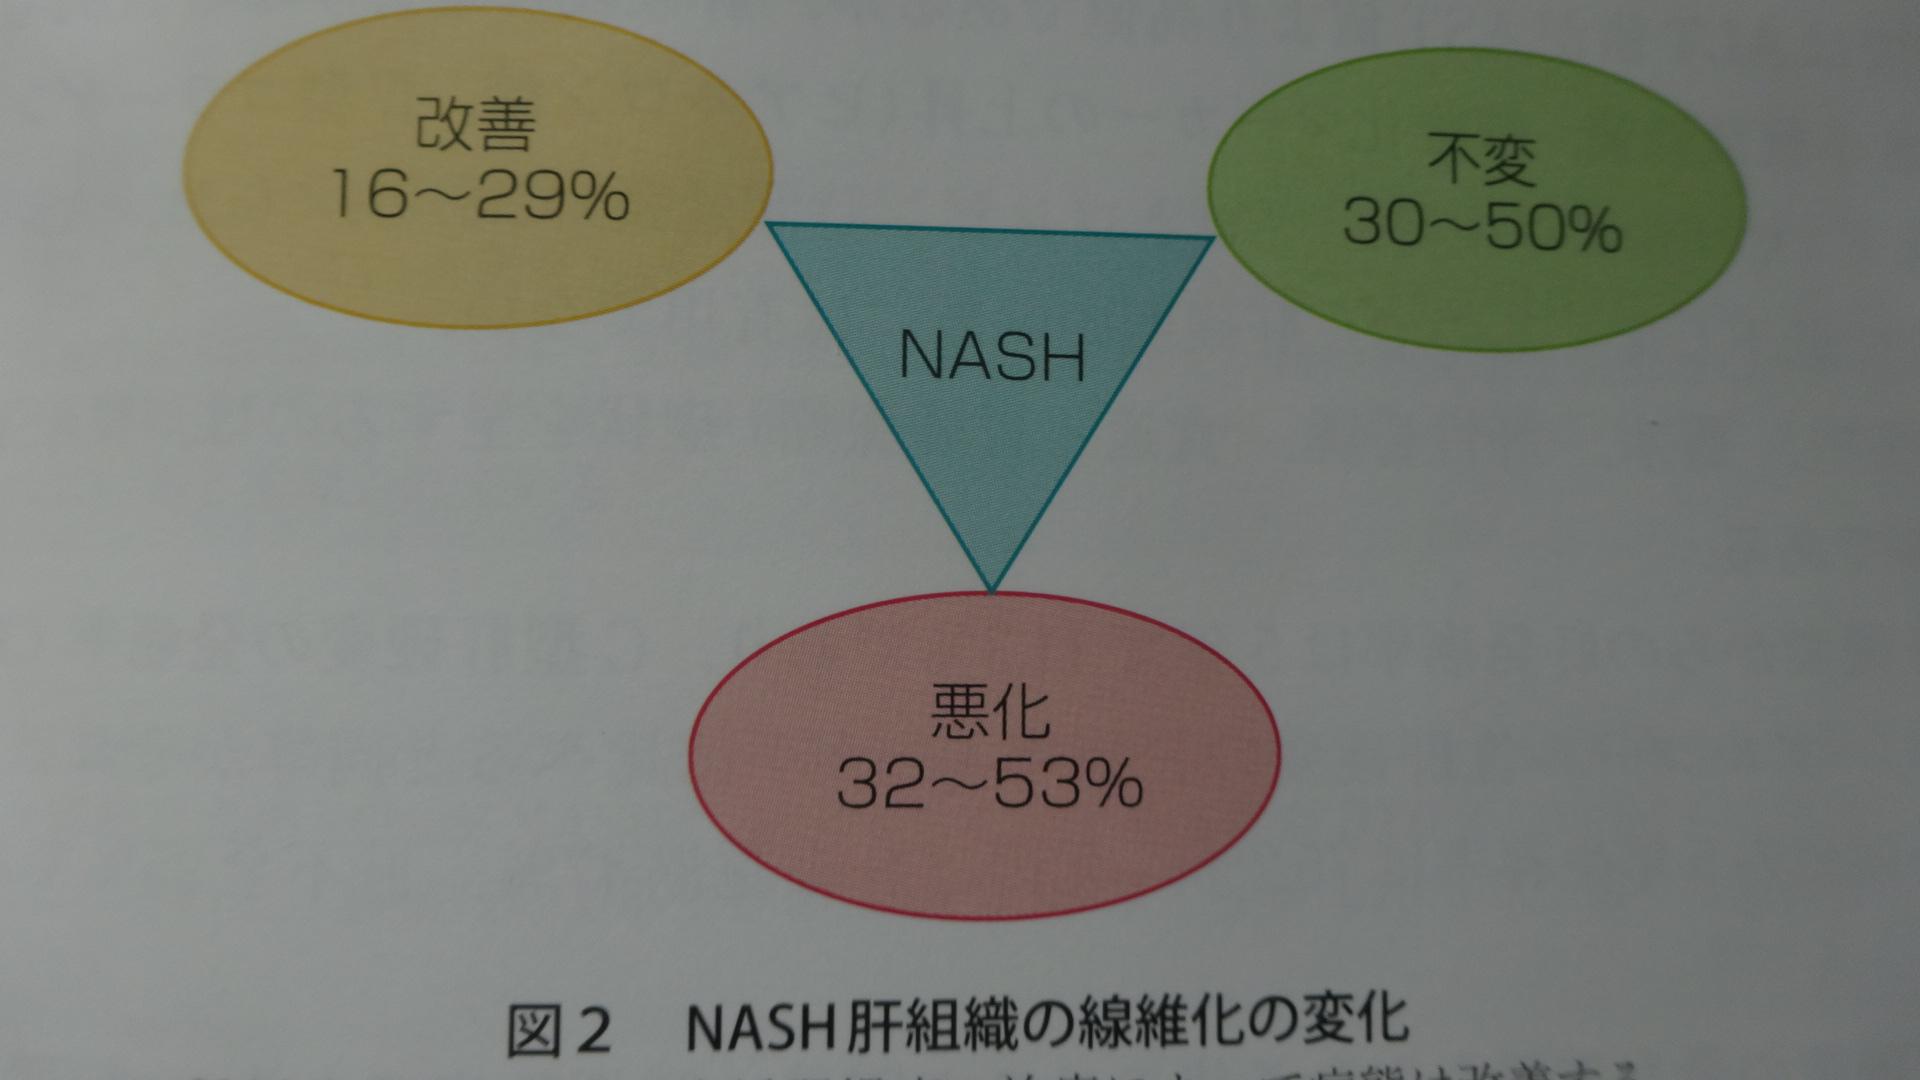 NAFLDで5年間での線維化が進行する確率を示した図